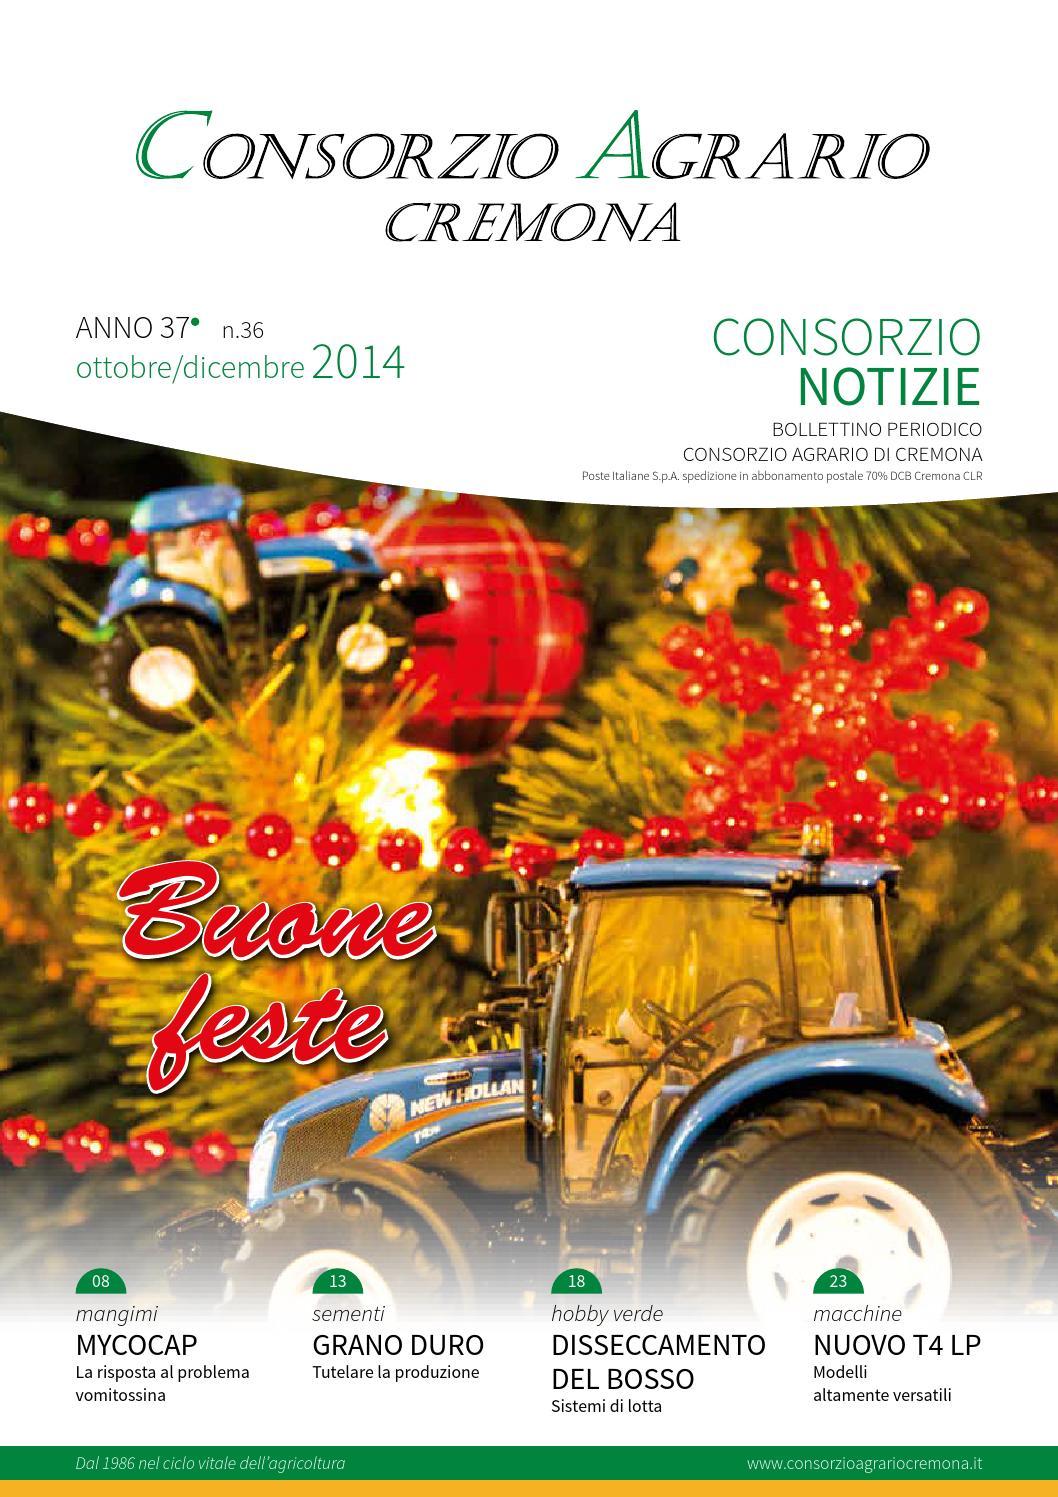 Consorzio notizie n36 natale 2014 by consorzio agrario cremona issuu for Consorzio agrario cremona macchine agricole usate